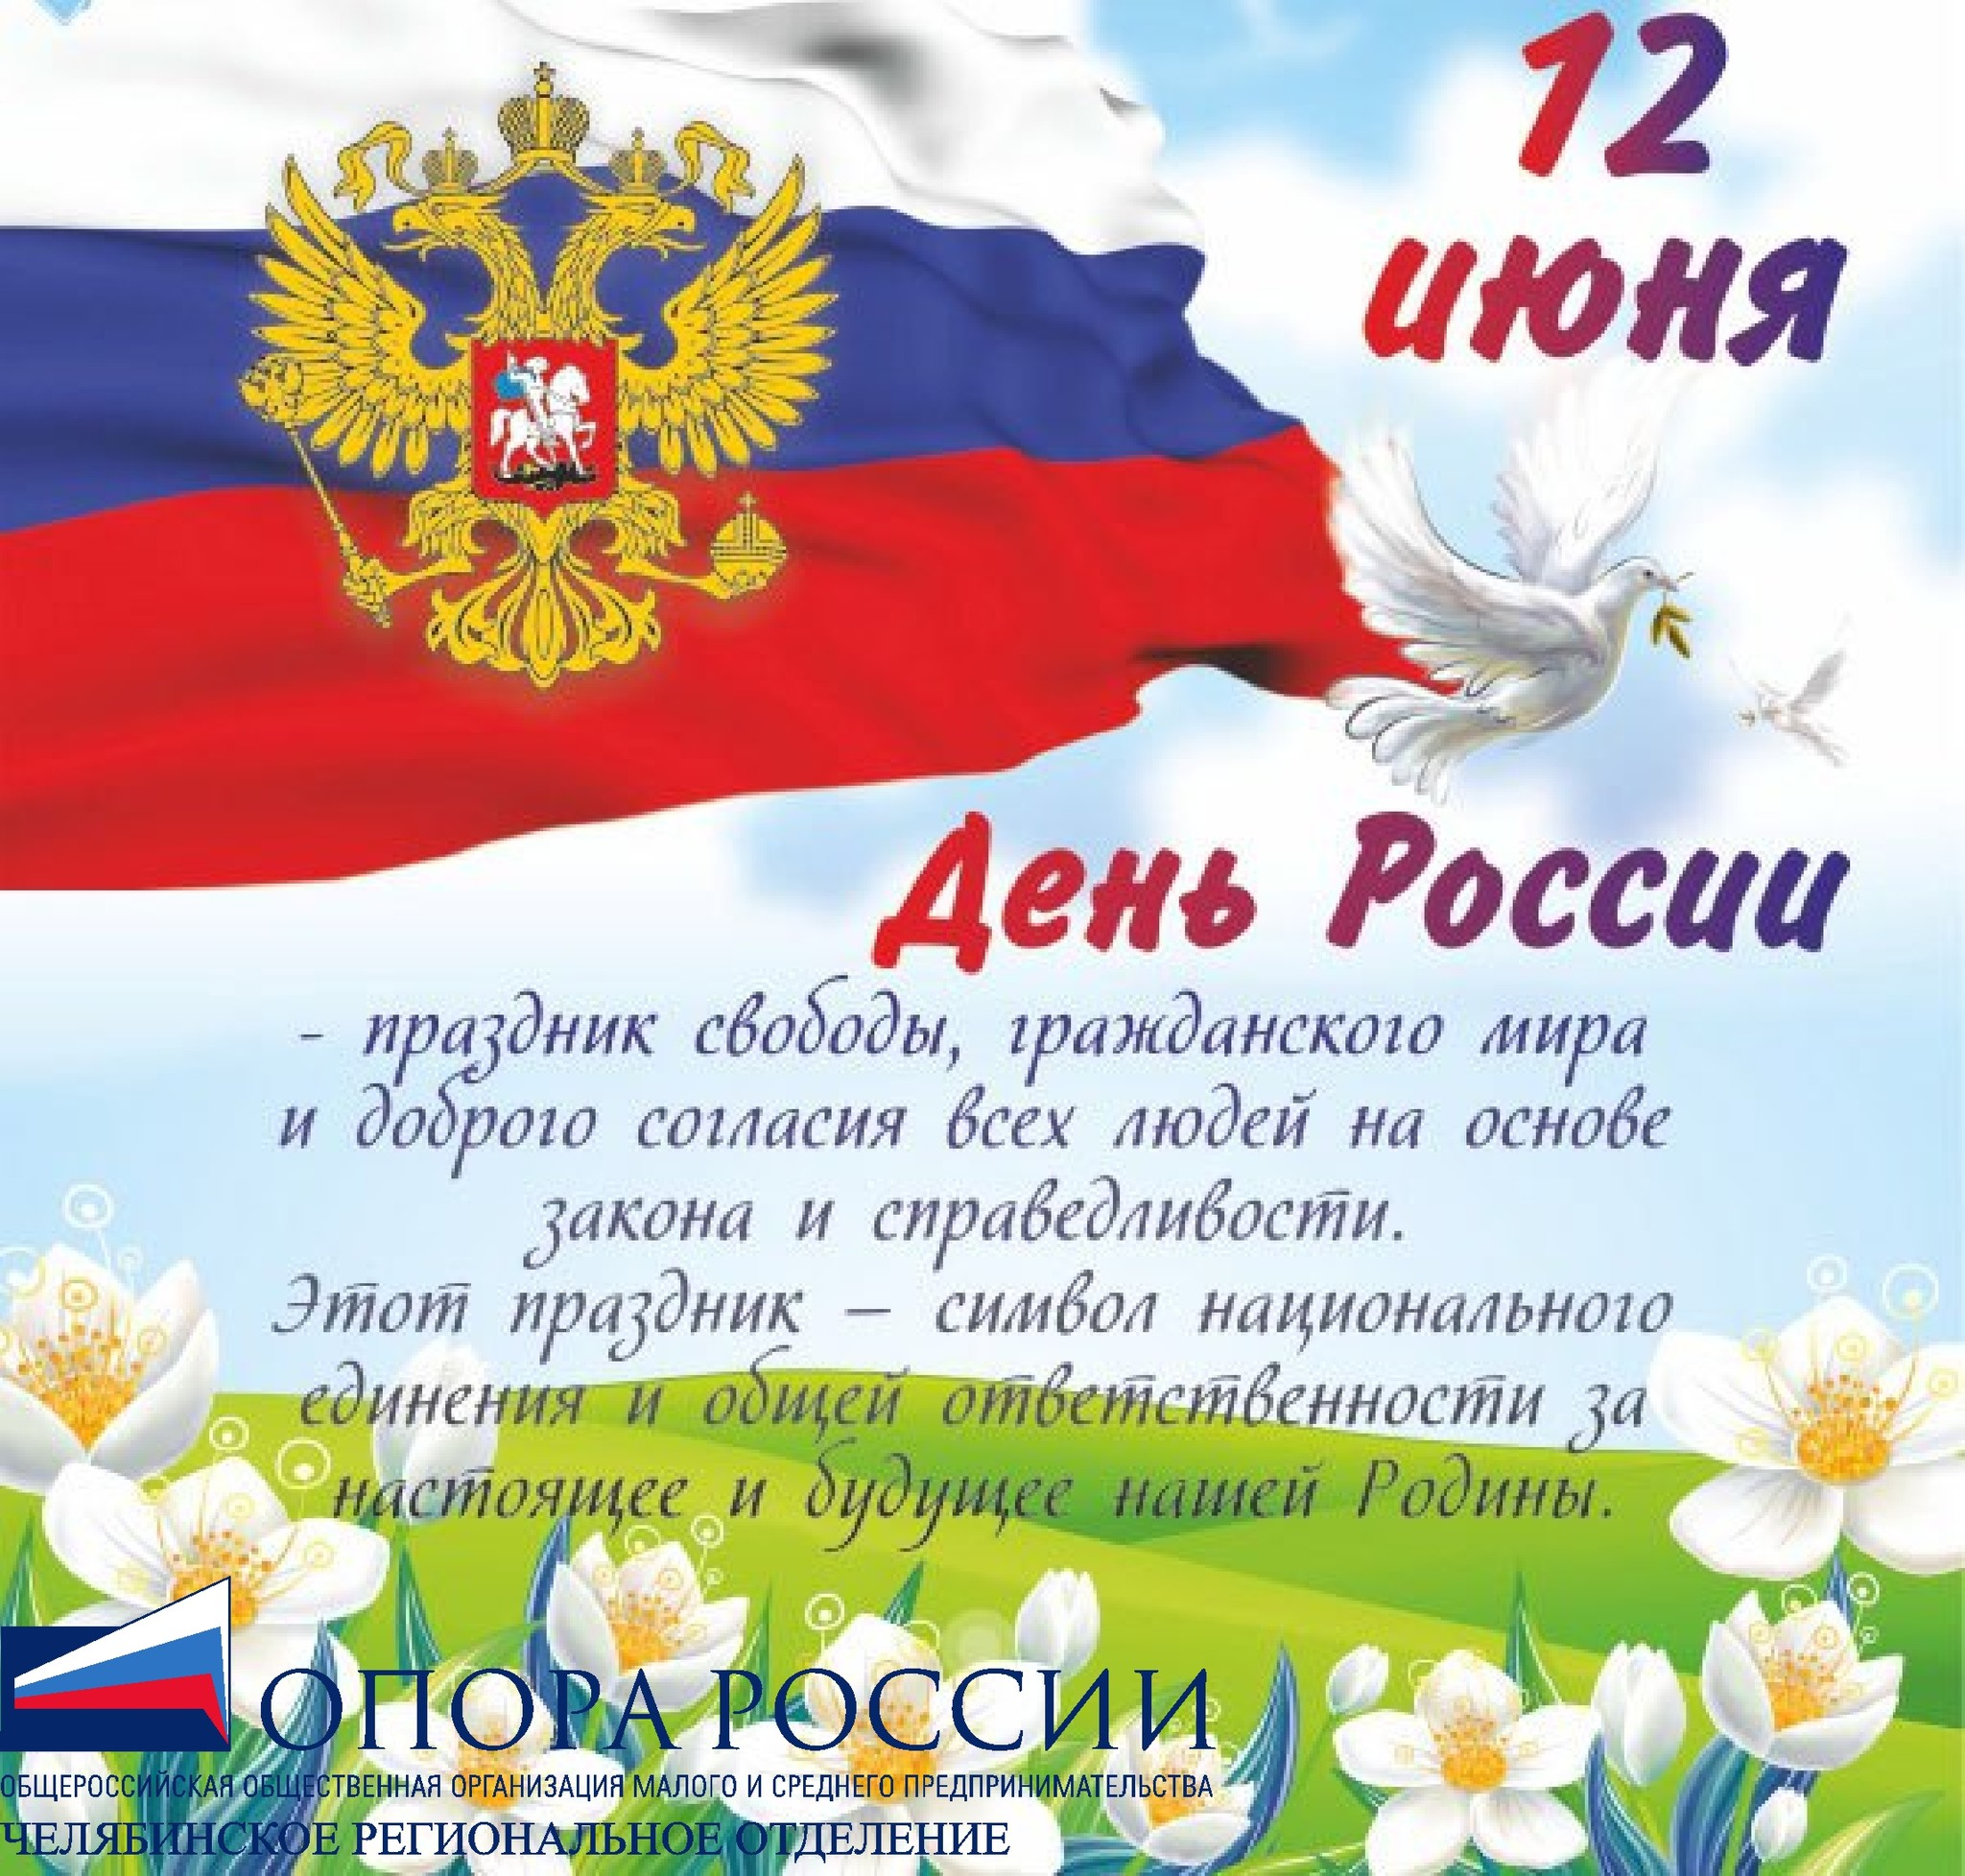 Поздравления на День России 2018 в 22